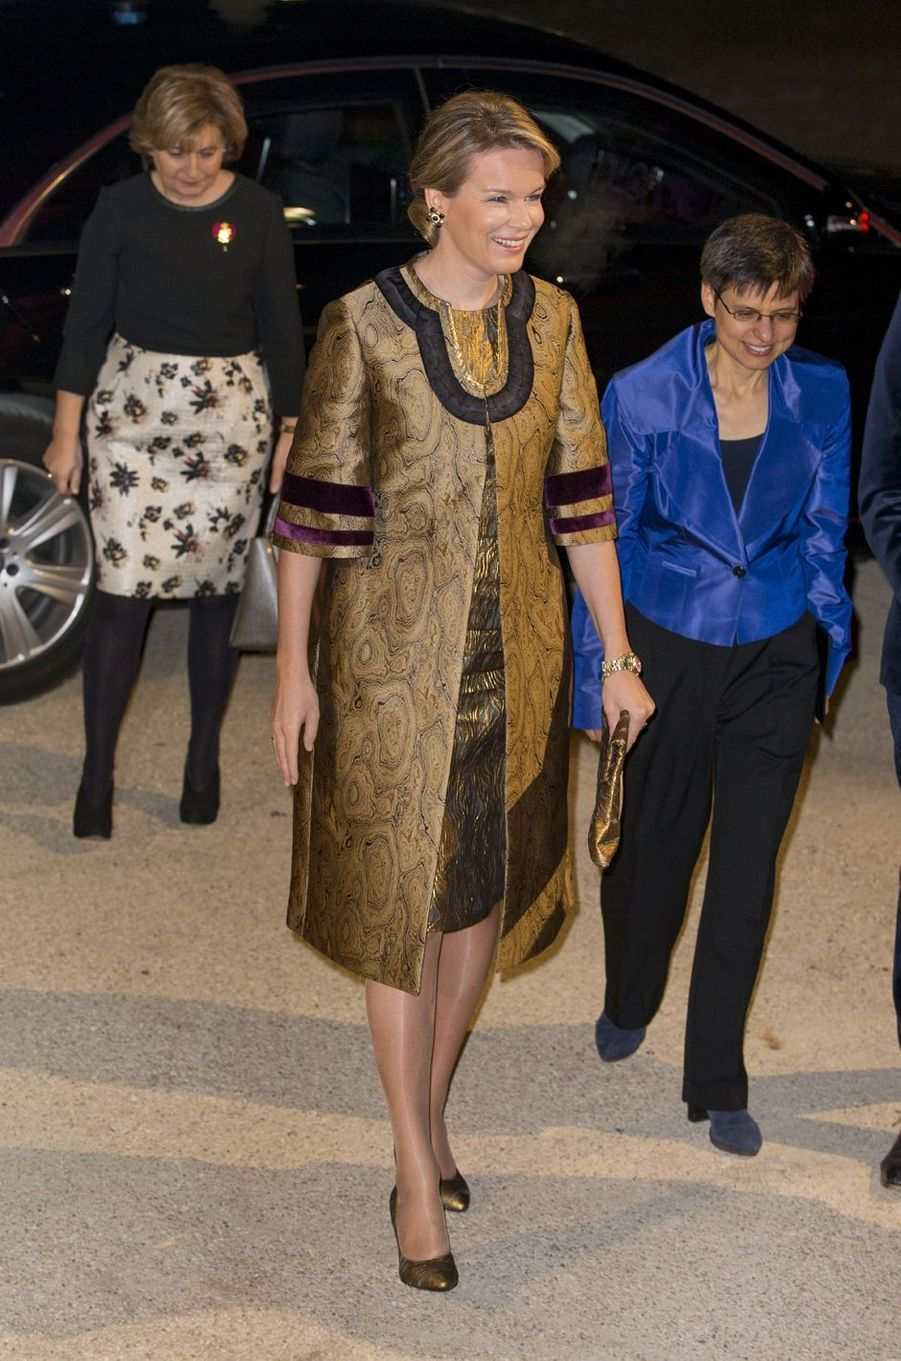 La reine Mathilde de Belgique arrive au concert inaugural de la salle reine Elisabeth à Anvers, le 26 novembre 2016